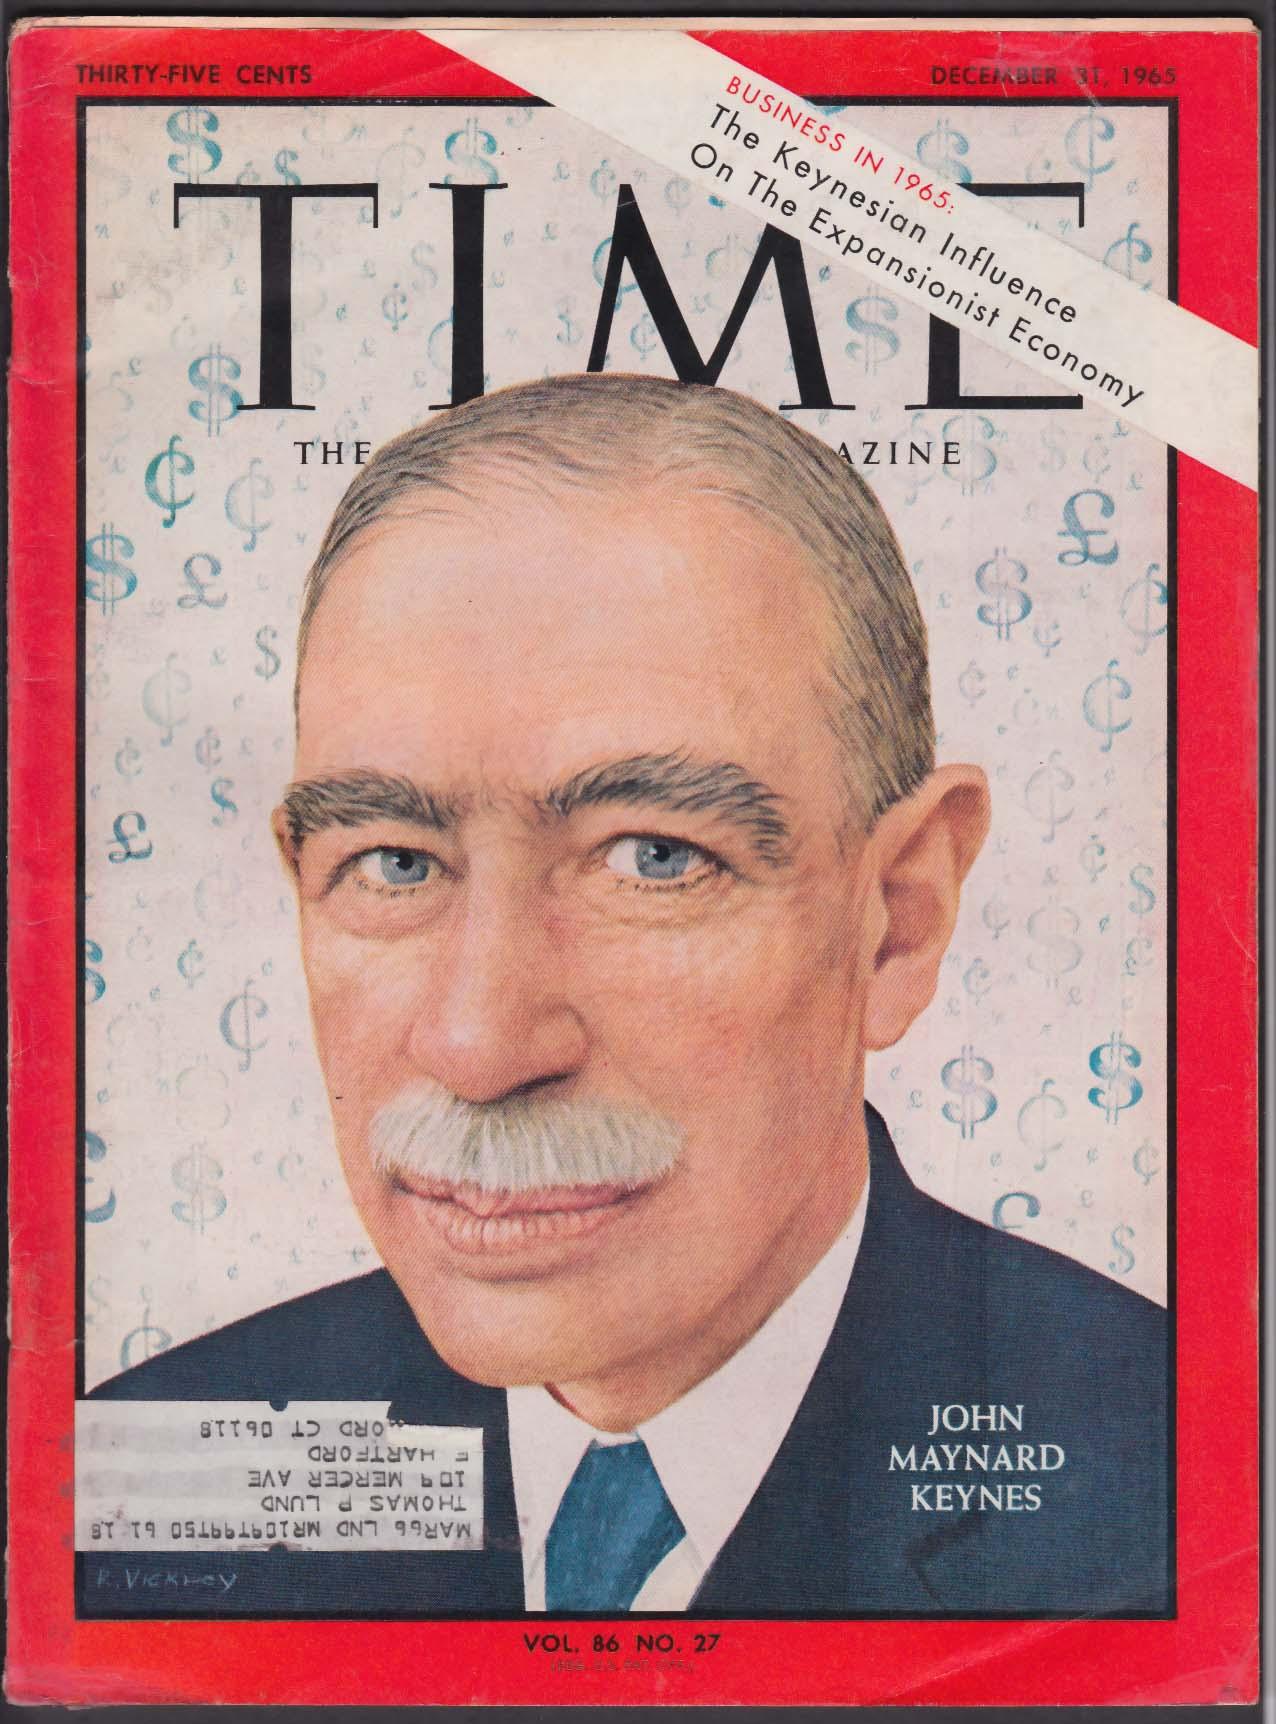 Ο Τζων Μέυναρντ Κέυνς, πρώτος βαρώνος Κέυνς του Τίλτον (John Maynard Keynes, 5 Ιουνίου 1883 – 21 Απριλίου 1946) ήταν Άγγλος οικονομολόγος, μαθηματικός, καθηγητής πανεπιστημίου, συγγραφέας και ανώτατος κρατικός υπάλληλος. Εξώφυλλο του περιοδικού TIME